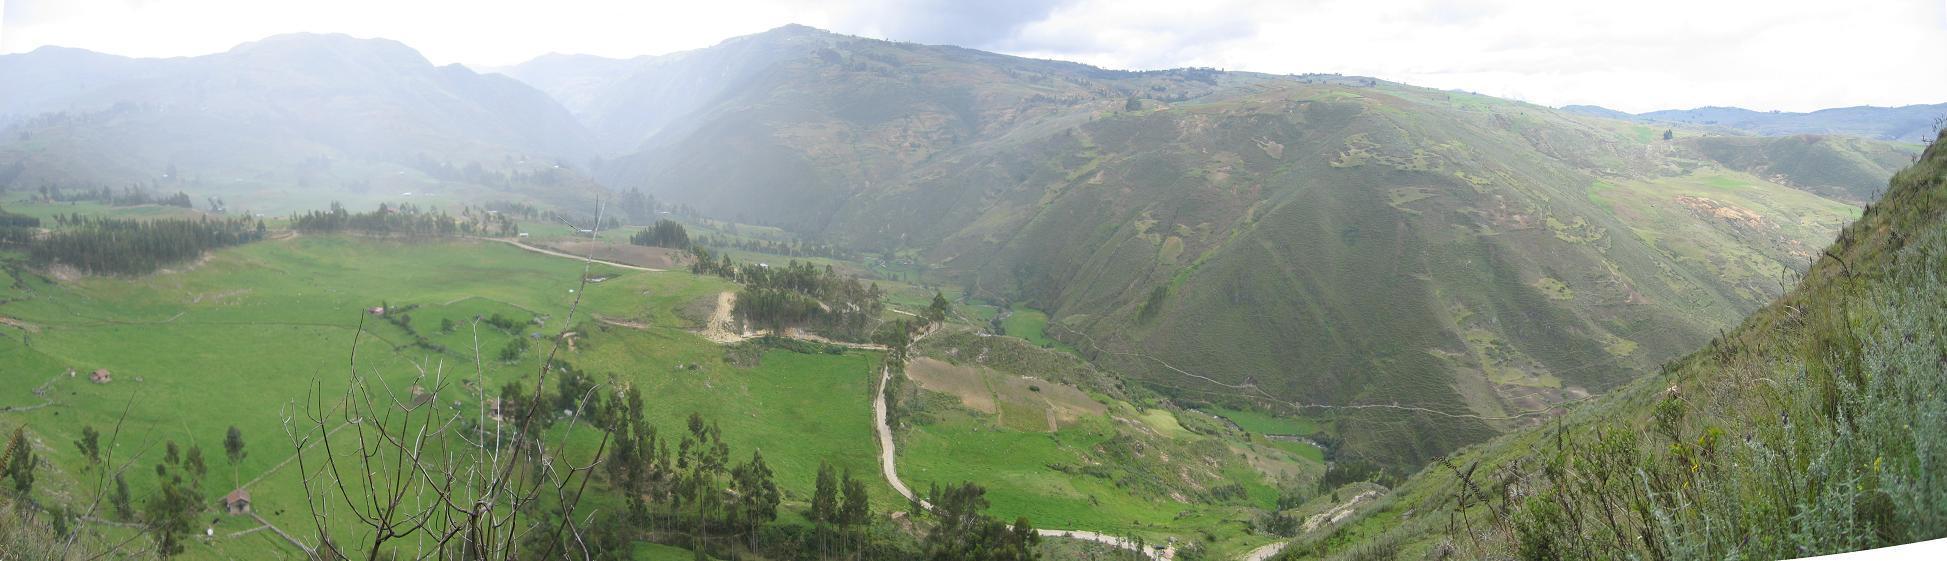 Peru_cajamarca_cumbayo1